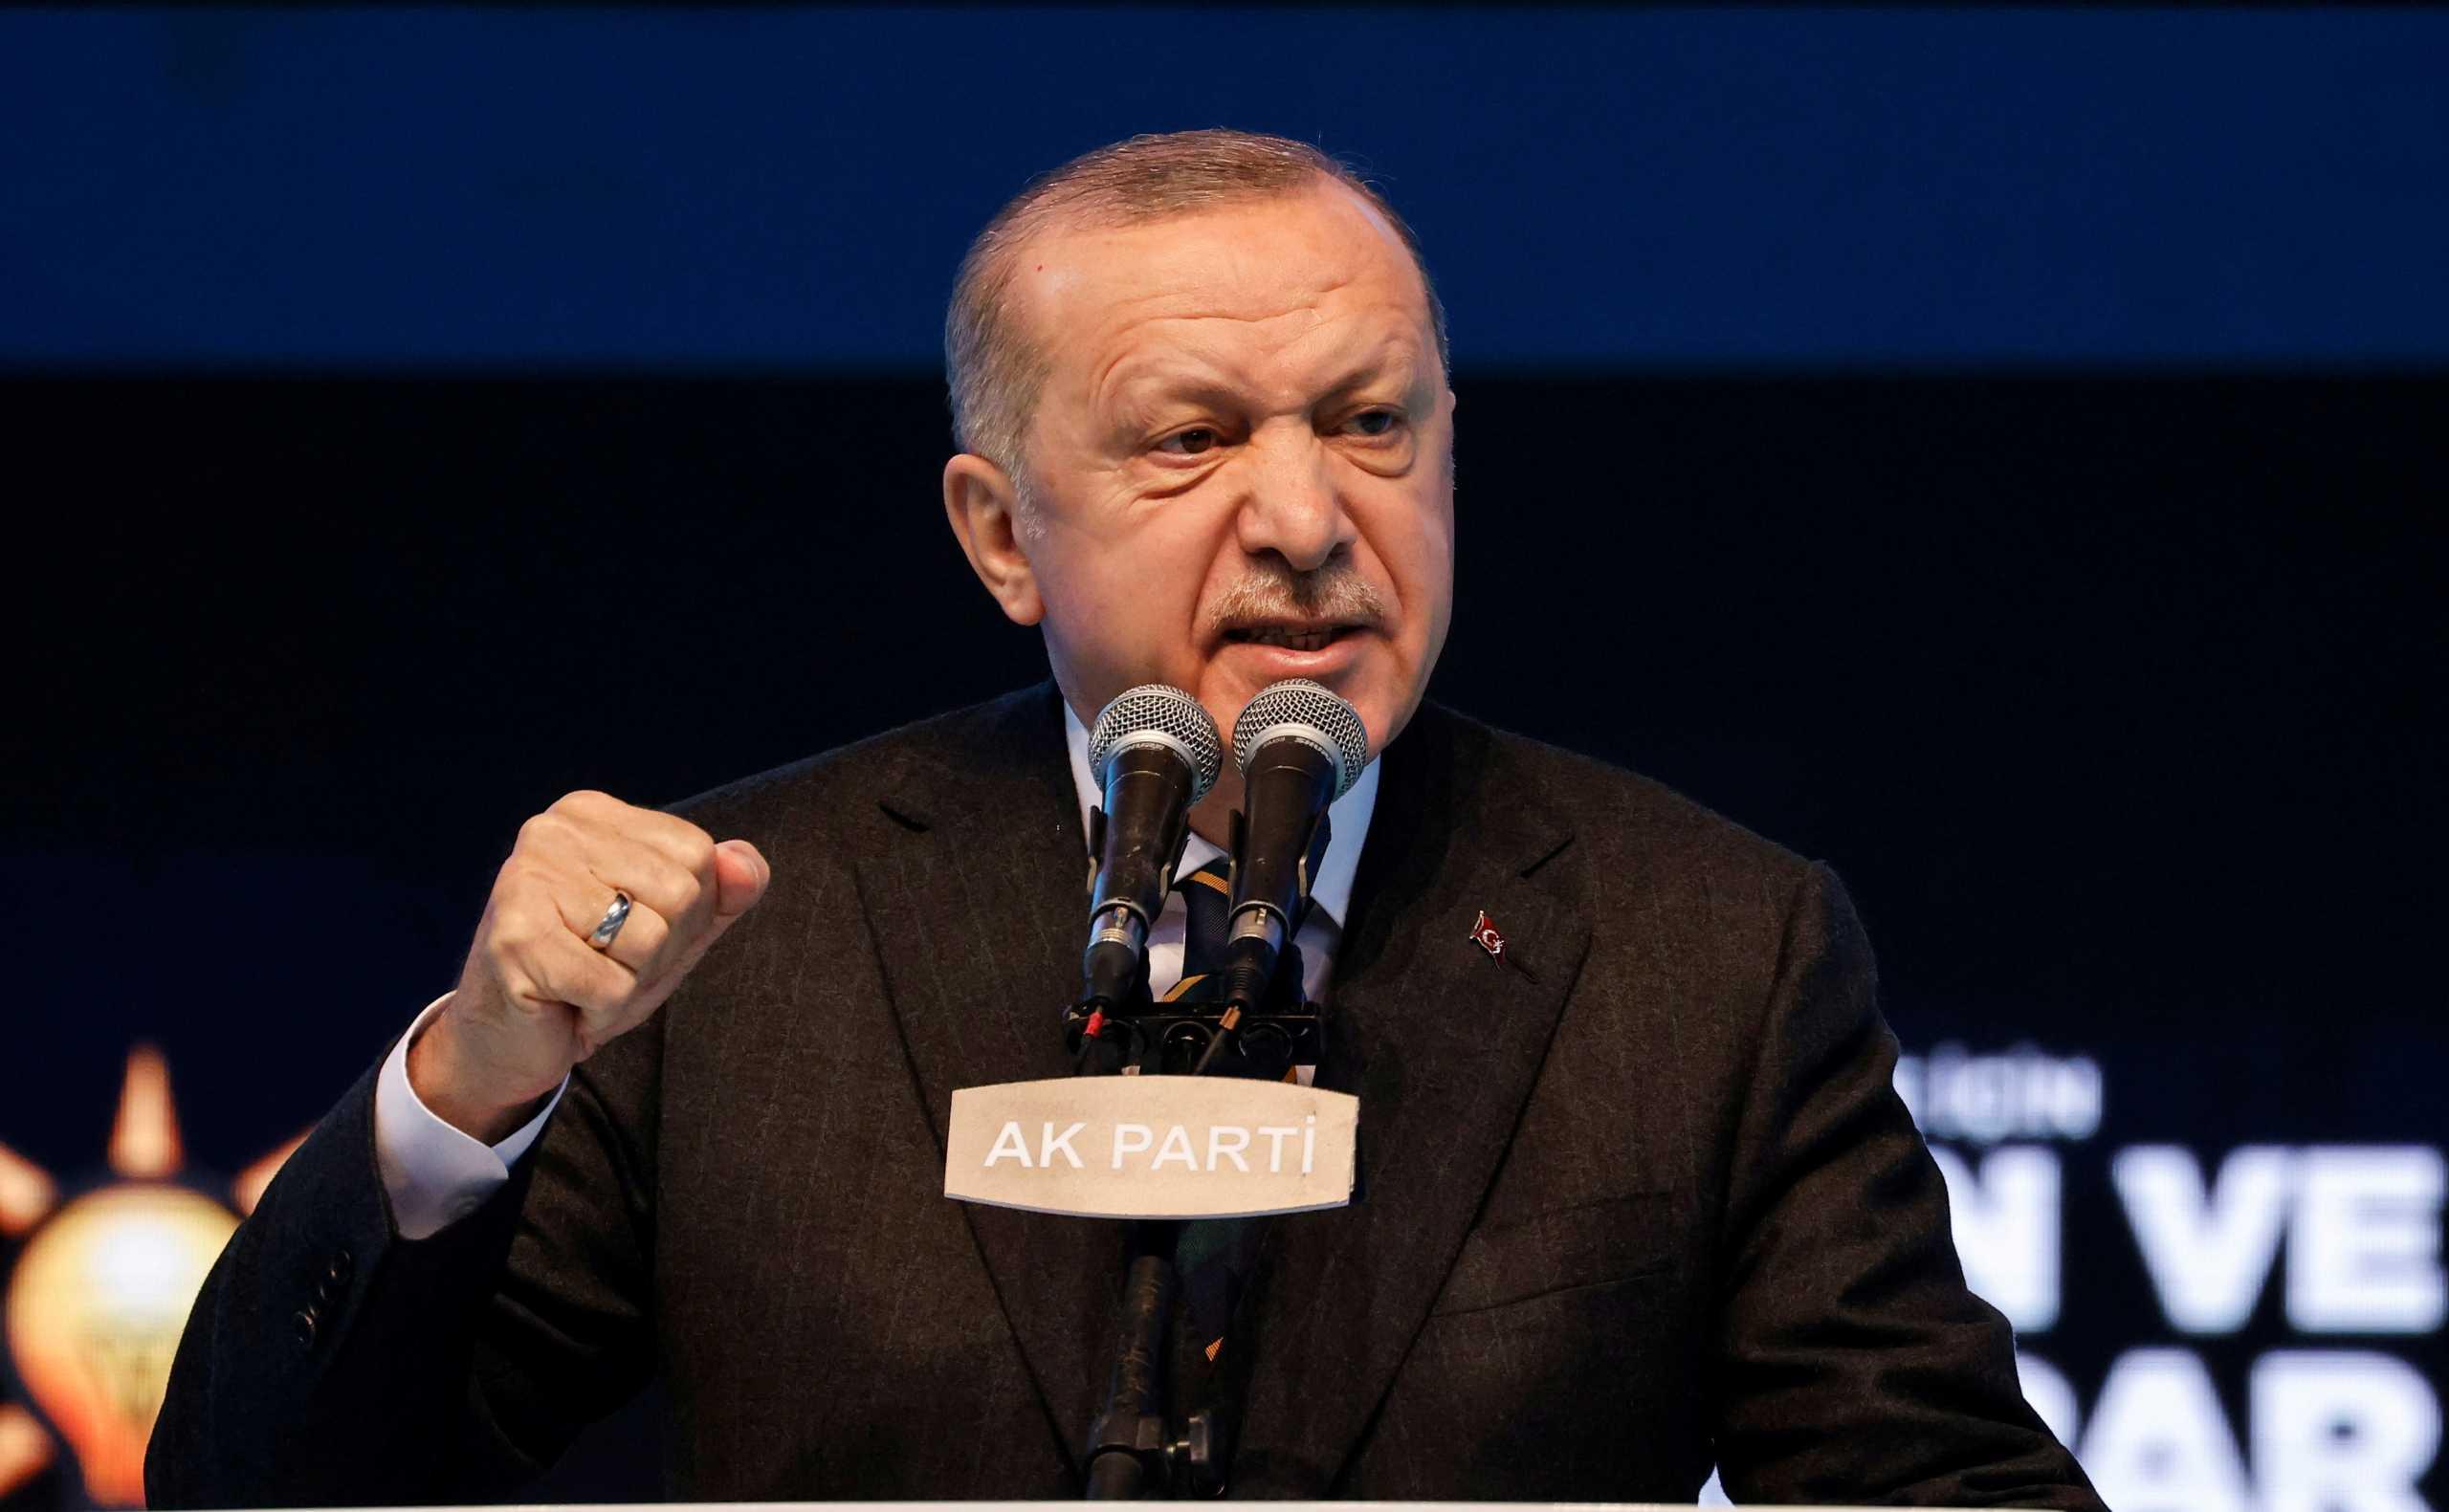 Ερντογάν: «Δικαιολογία» για κάποιους το Διεθνές Δίκαιο – «Σπόντα» για τον Χάρτη της Σεβίλλης